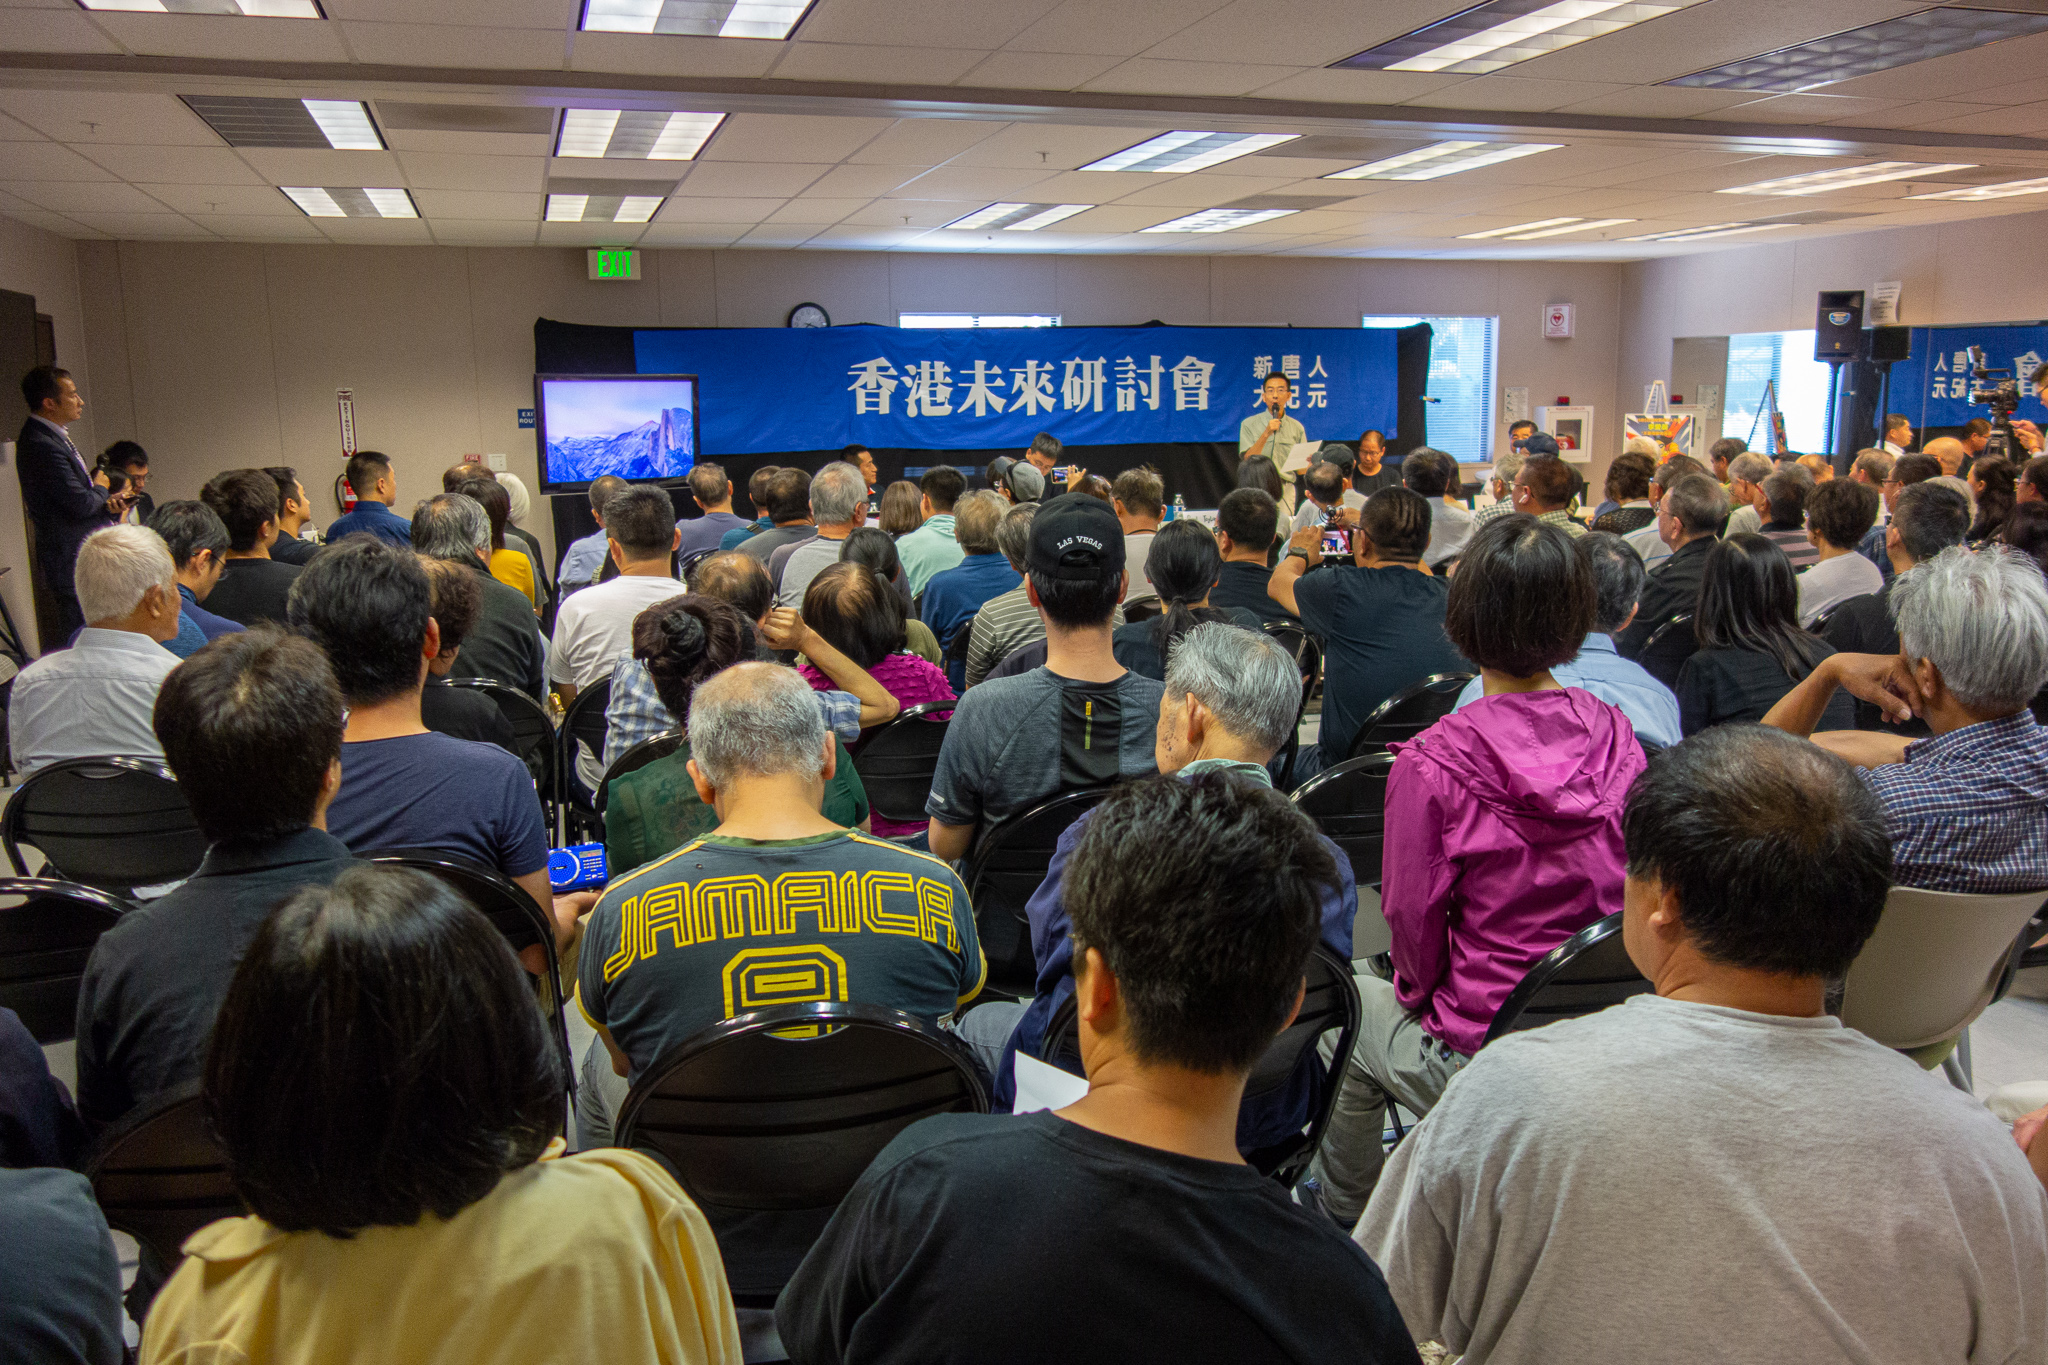 舊金山灣區研討香港局勢 民眾踴躍氣氛熱烈